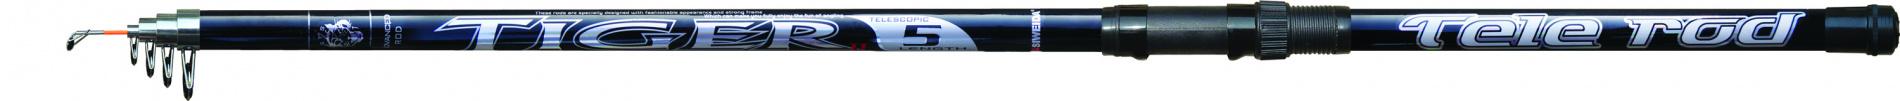 Удилище тел. SWD Tiger 5м c/кУдилища поплавочные<br>Телескопическое удилище из стеклопластика, <br>оснащенное проводочными кольцами. Основные <br>характеристики удилища: длина 5,0м (в сложенном <br>состоянии 115см), количество секций - 5, максимальный <br>вес оснастки - до 25г. Характеризуется средним <br>строем, высокой прочностью и эластичностью <br>бланка. Рекомендуется для поплавочной ловли <br>как с берега, так и для ловли с лодки.<br>